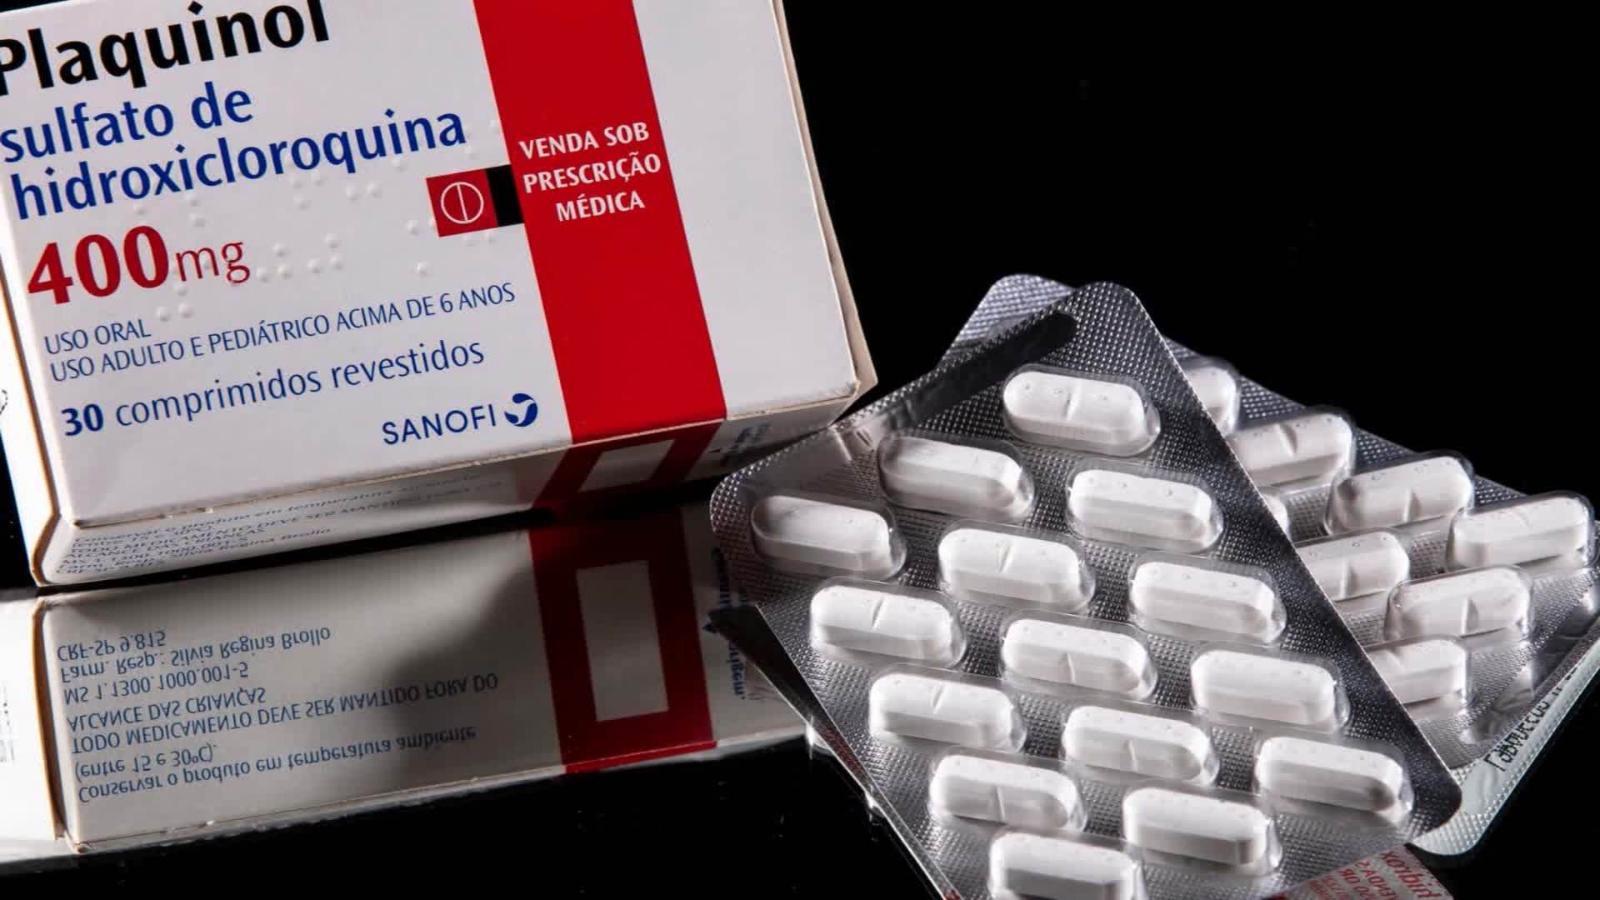 Brasil apuesta por la cloroquina y la hidroxicloroquina, medicamentos no probados para combatir la Covid-19